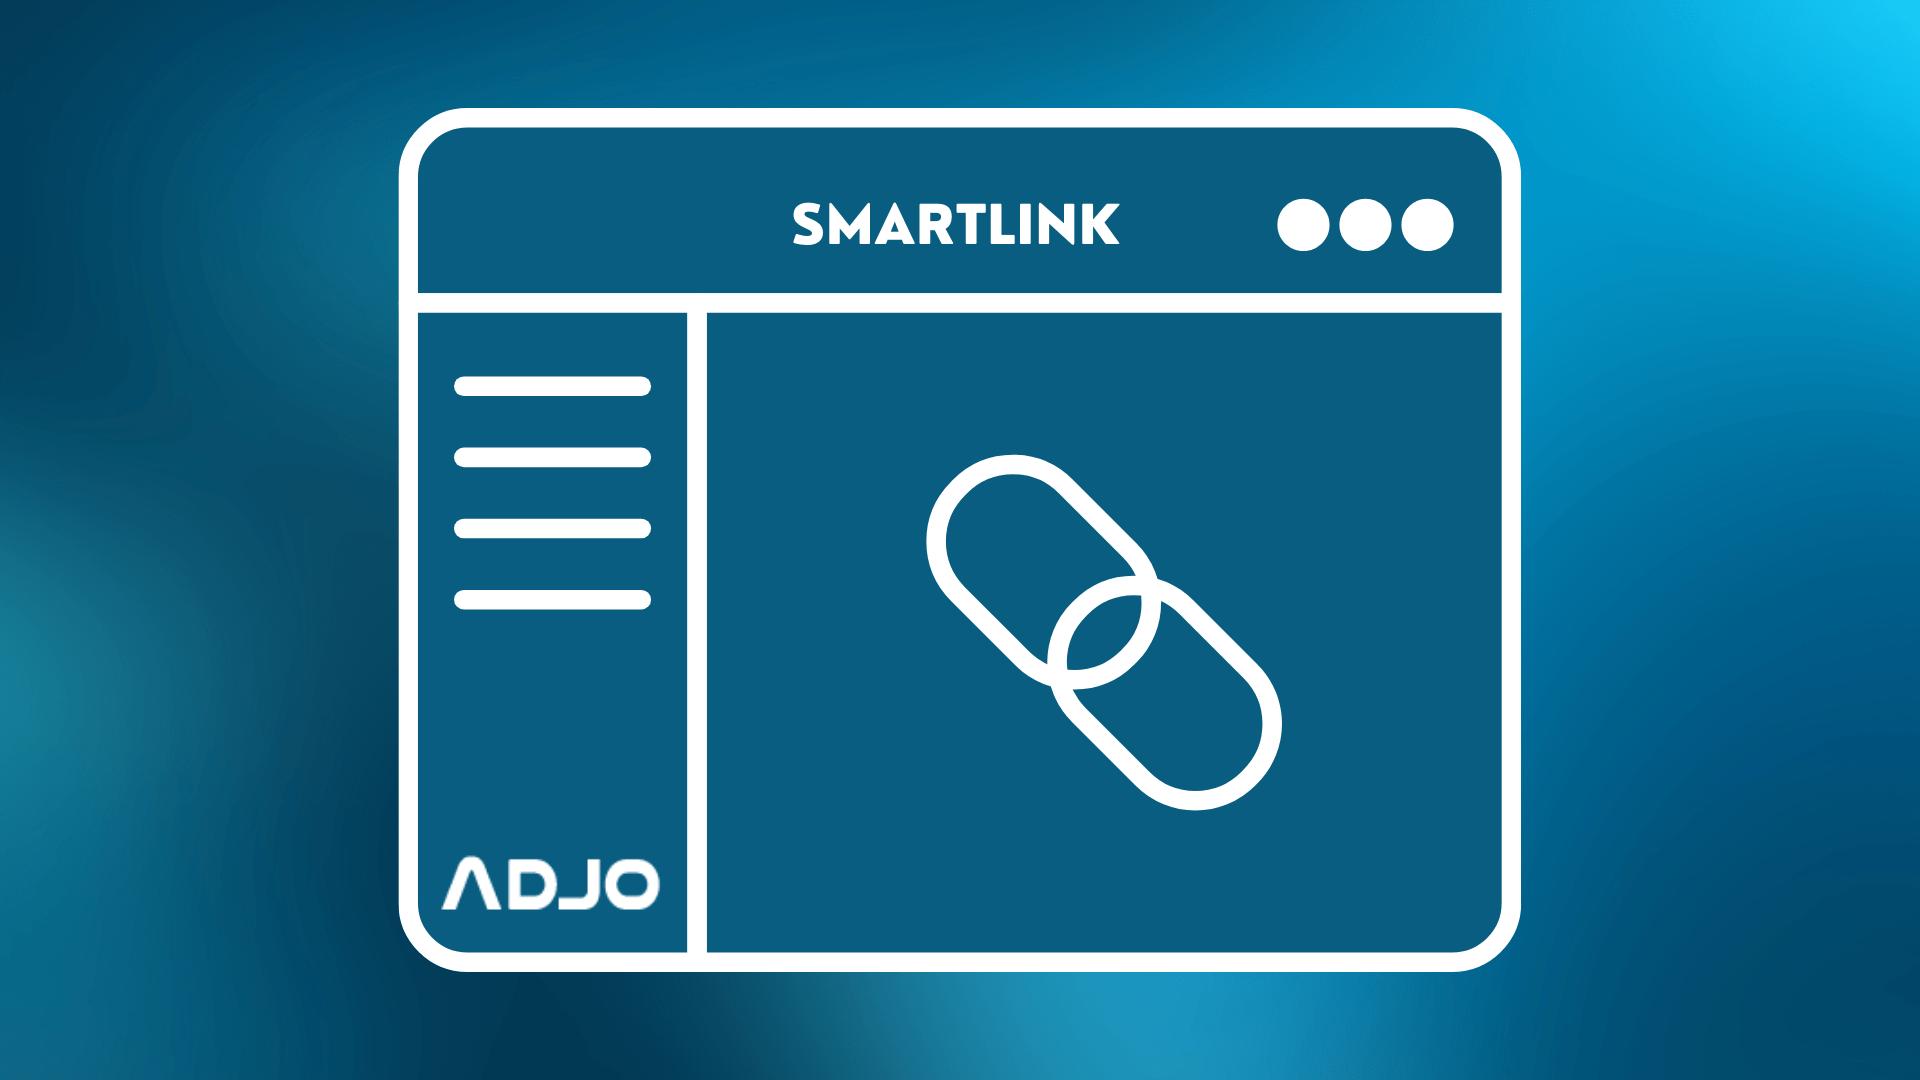 Smartlink Reklam Agi Adjo